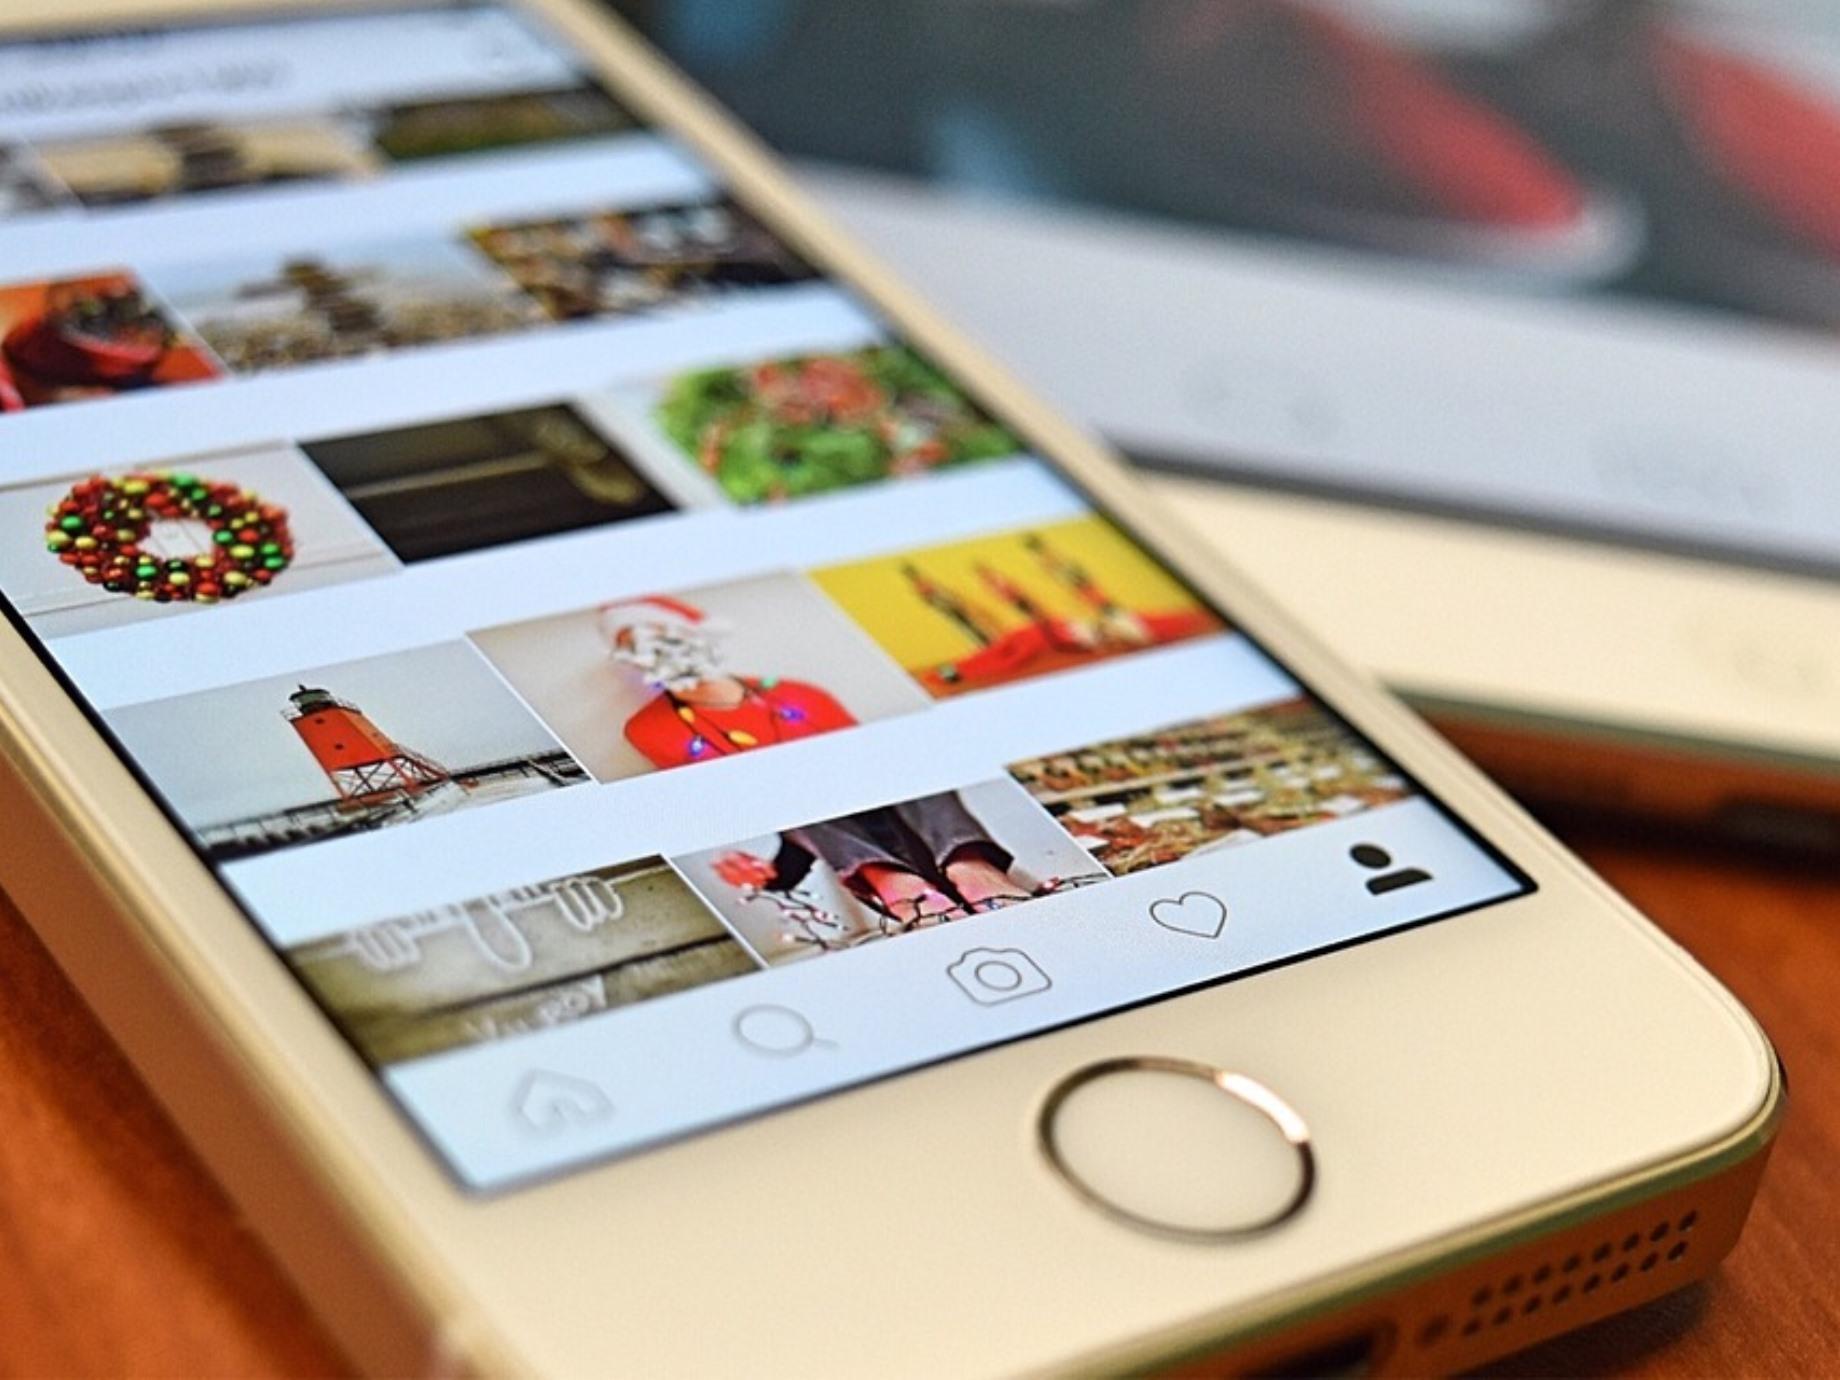 善用搜尋與商務功能,Instagram也是企業行銷利器